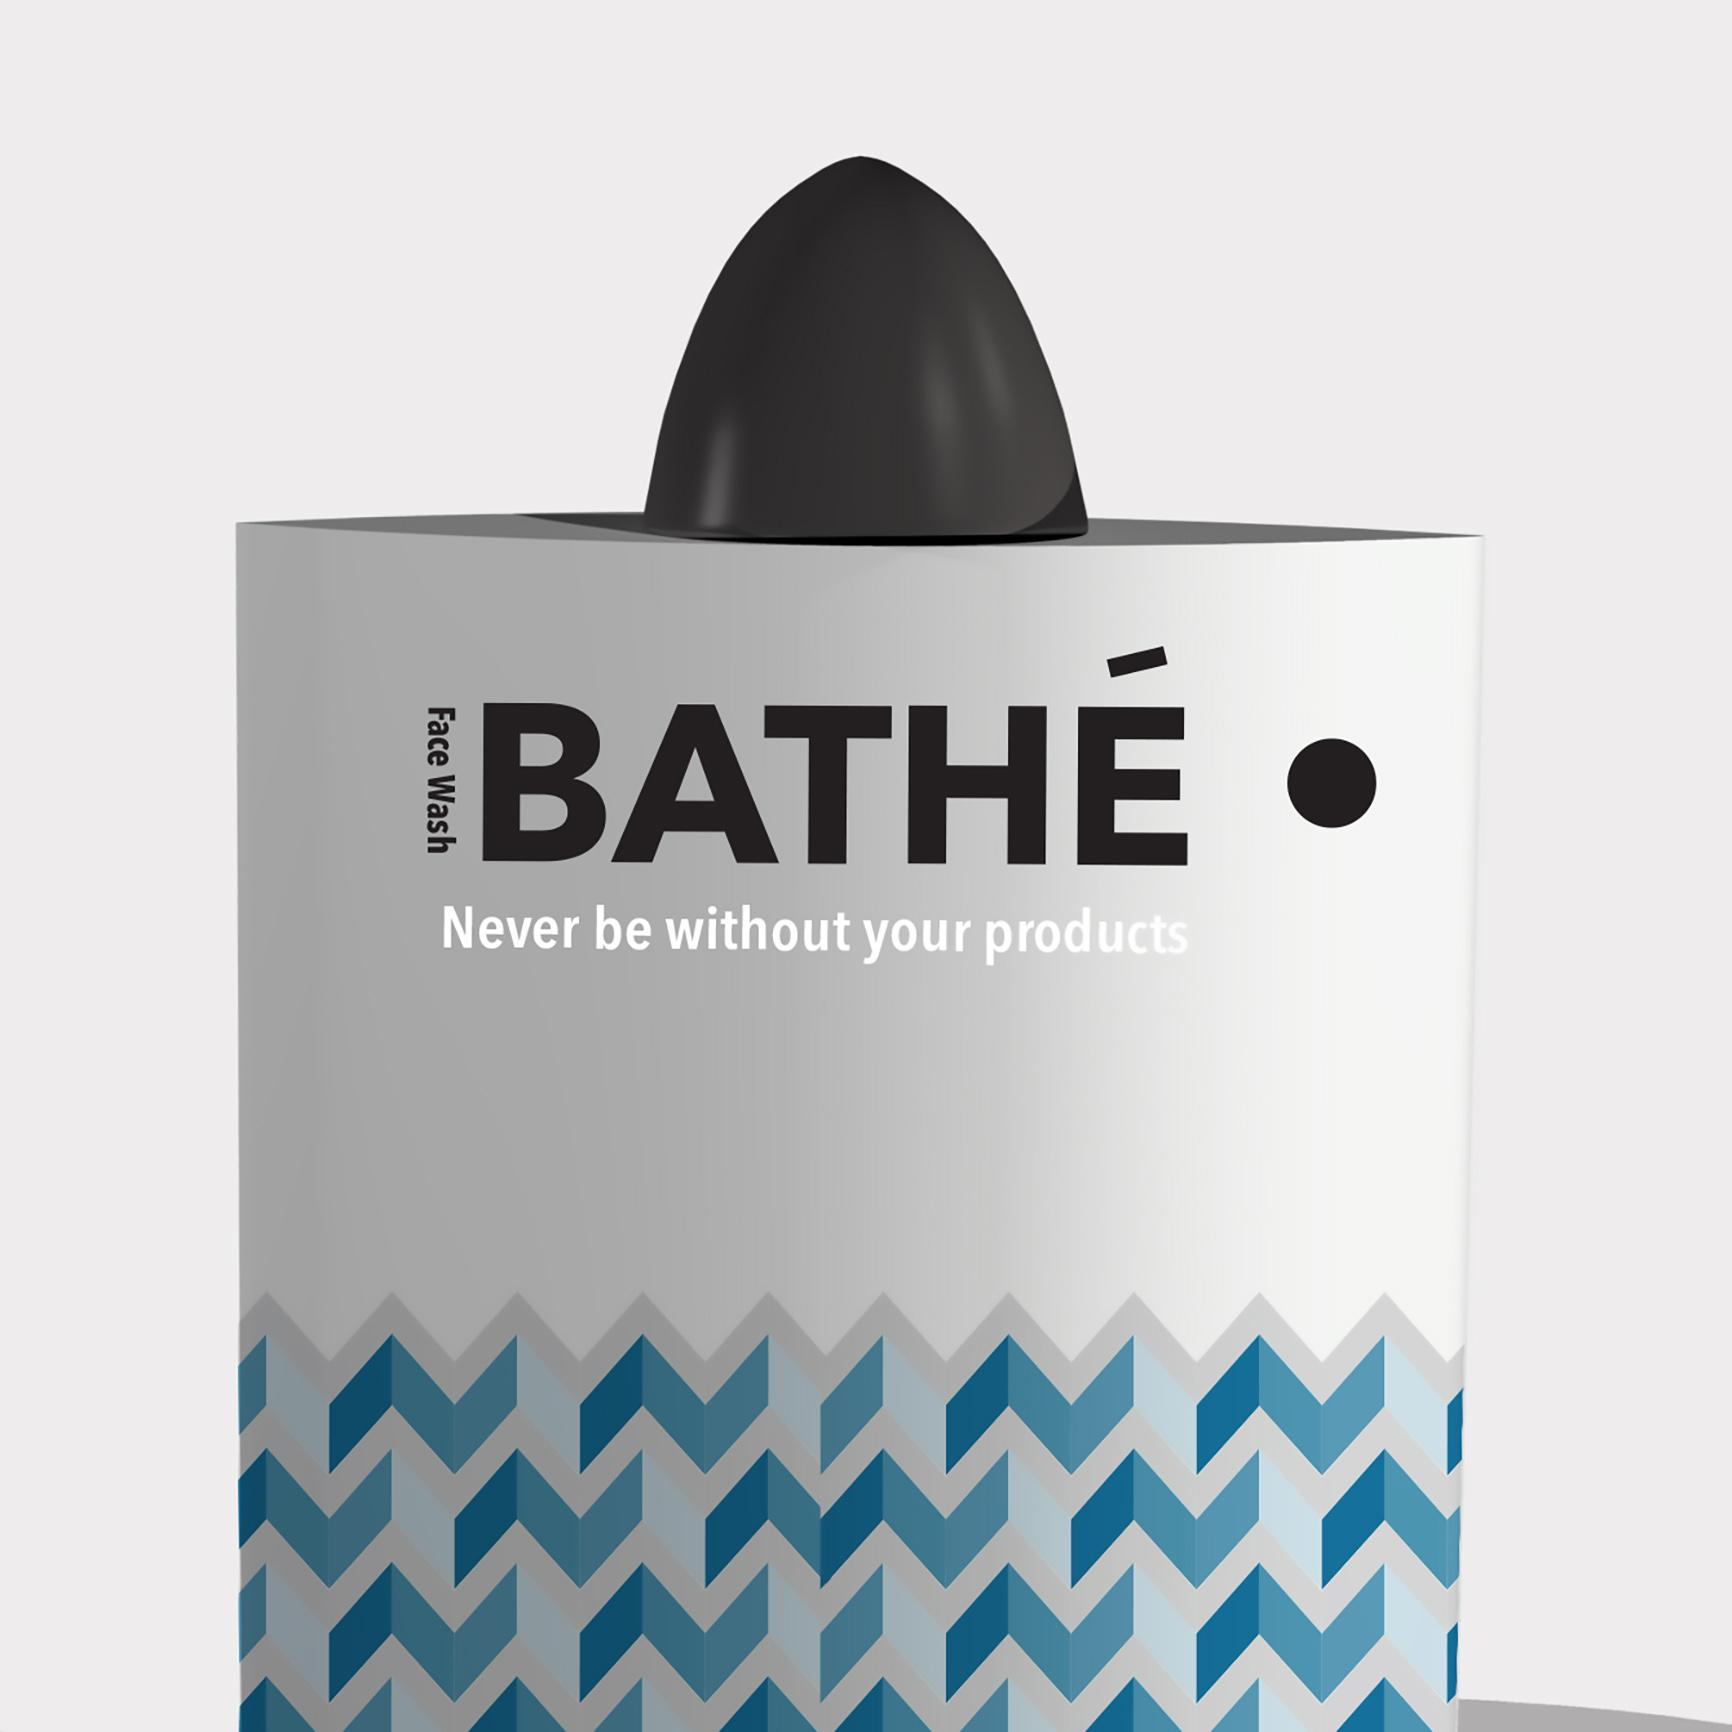 Bathe - Bathing Products